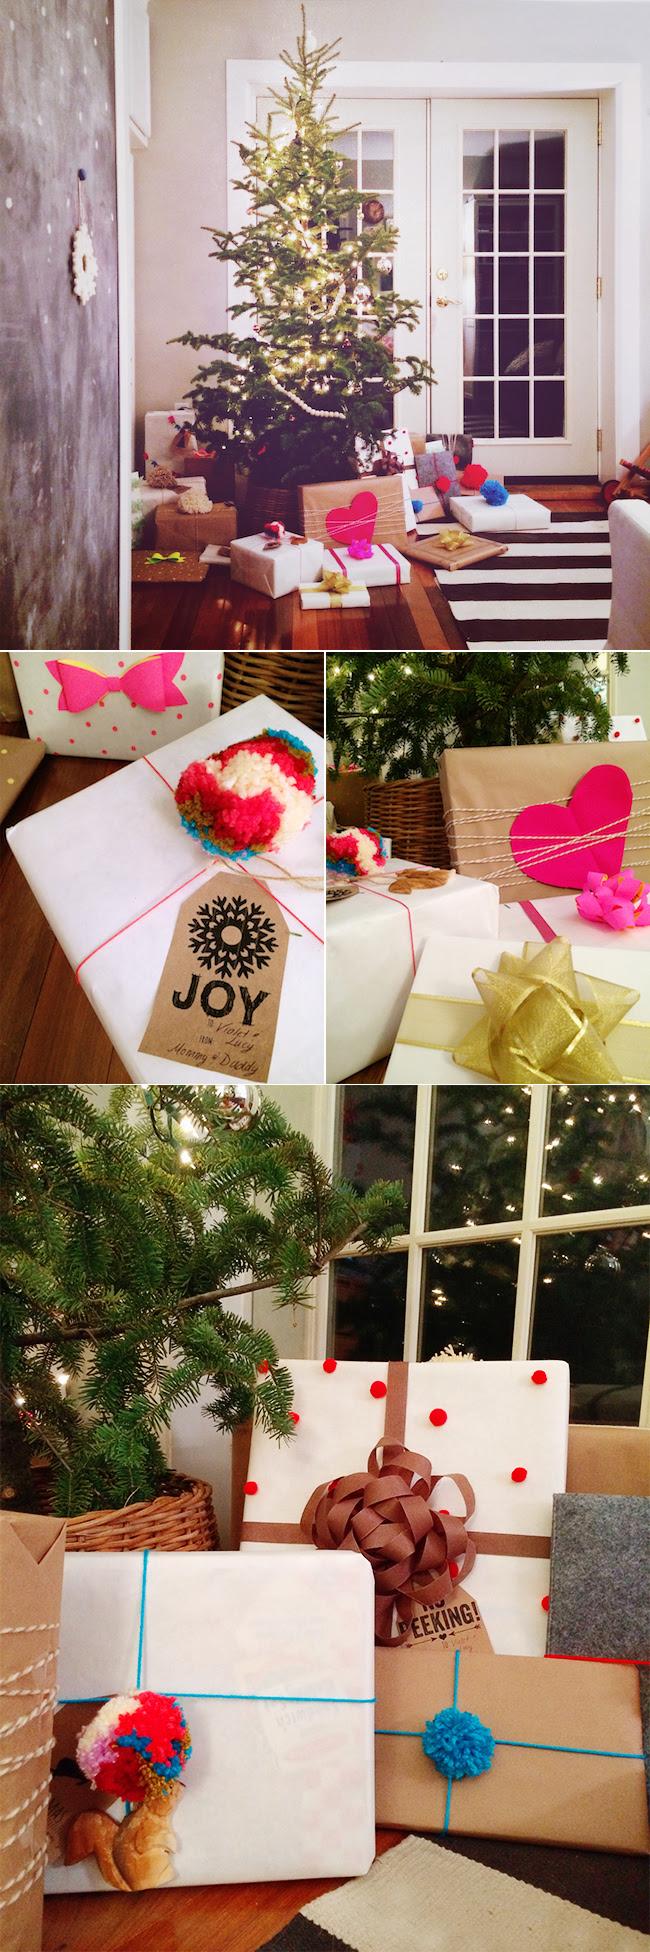 Christmas Morning 2013